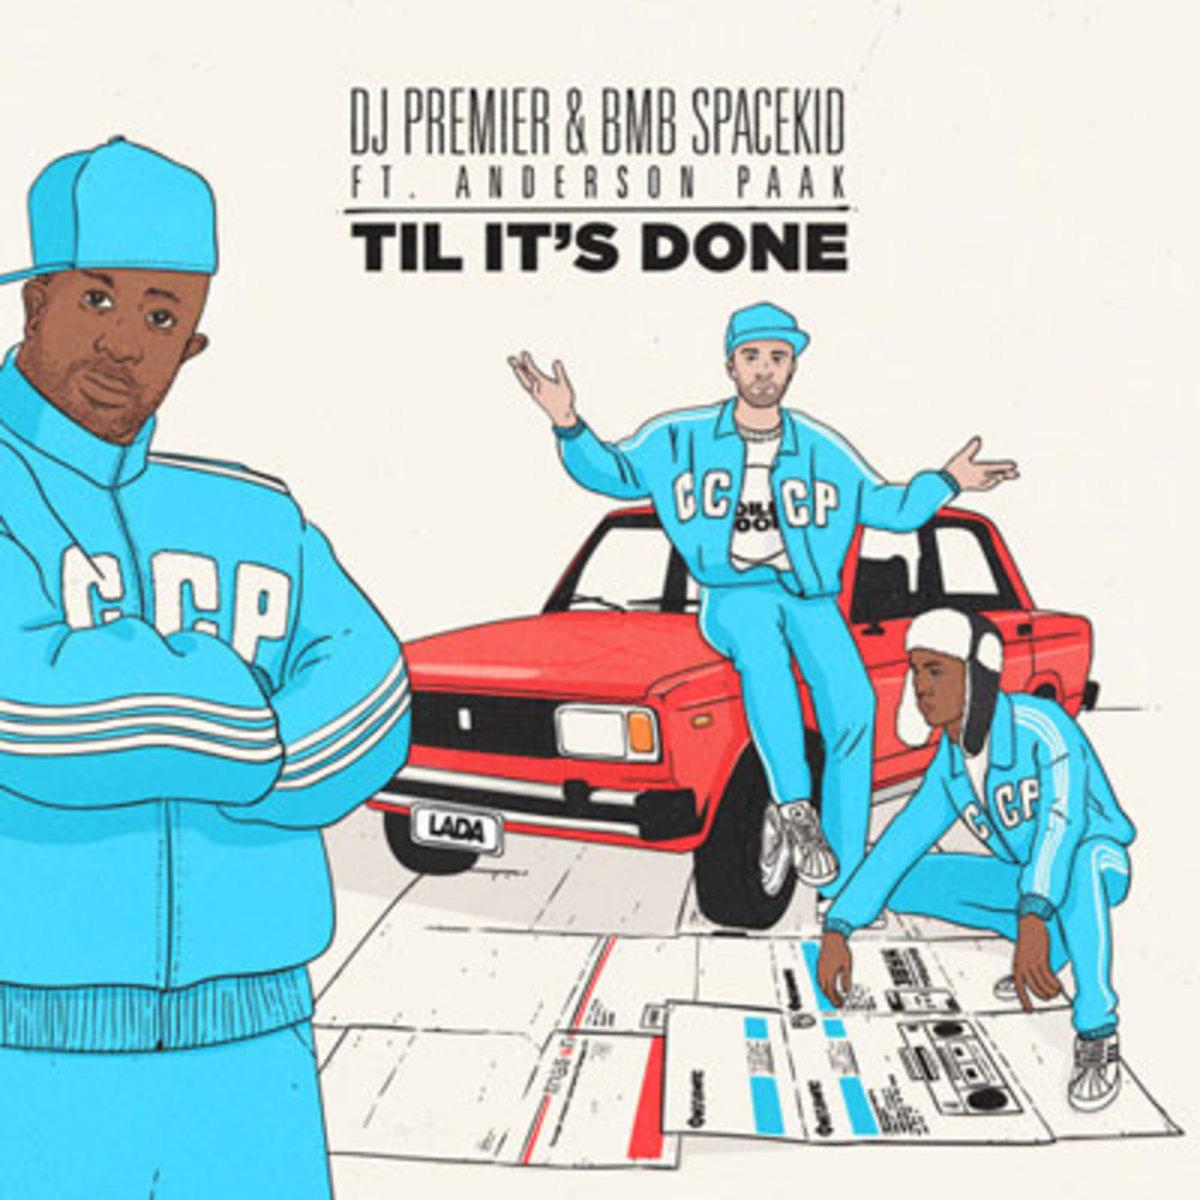 dj-premier-till-its-done.jpg